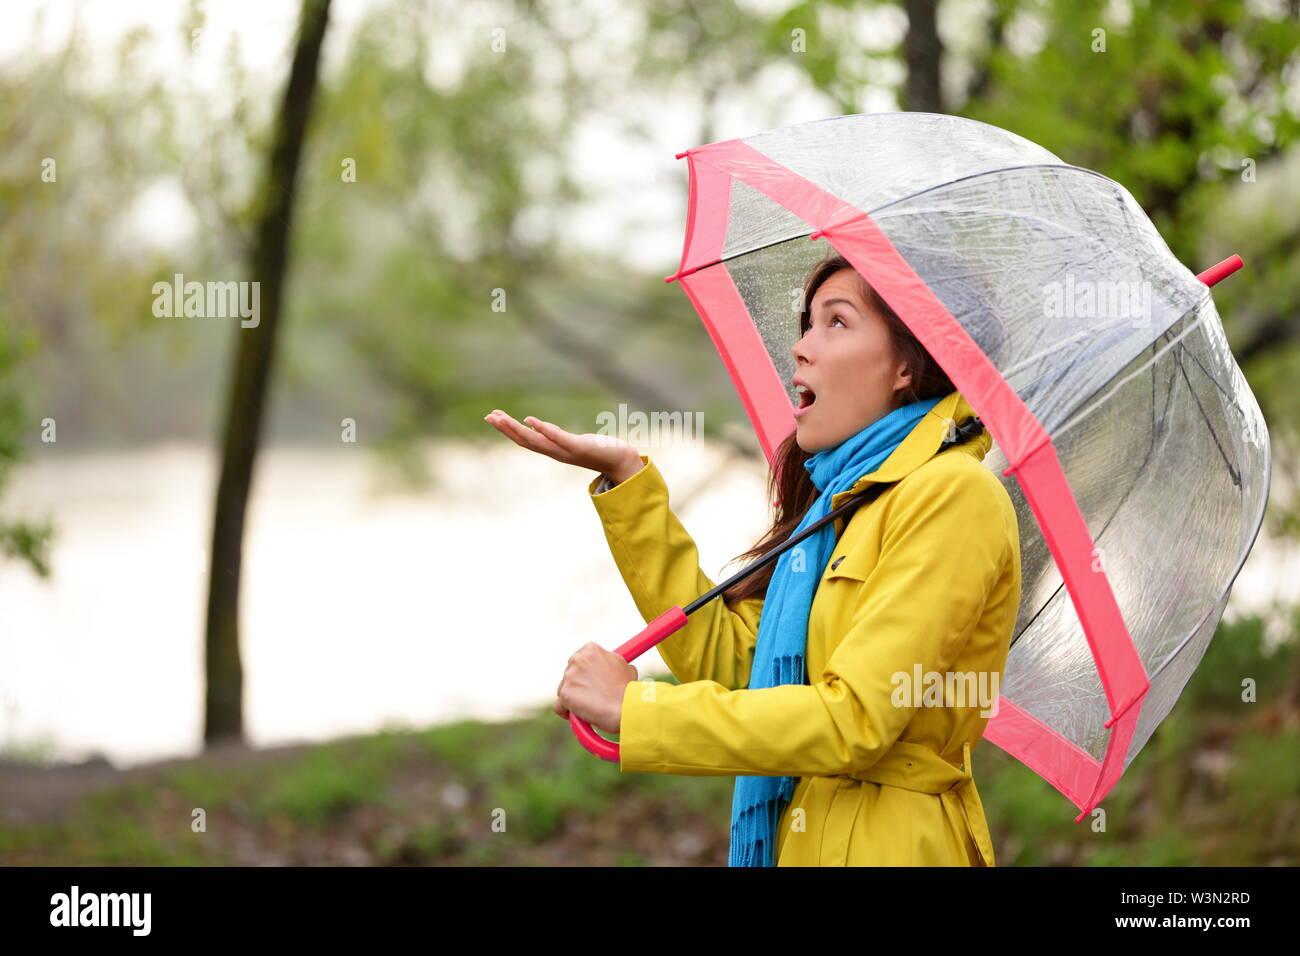 La donna a piedi sotto la pioggia in autunno foresta. Bella ragazza si sente le gocce di pioggia a piedi nella foresta dal lago in autunno. Razza mista Asian Caucasian modello femminile con divertenti ecxpression. Foto Stock